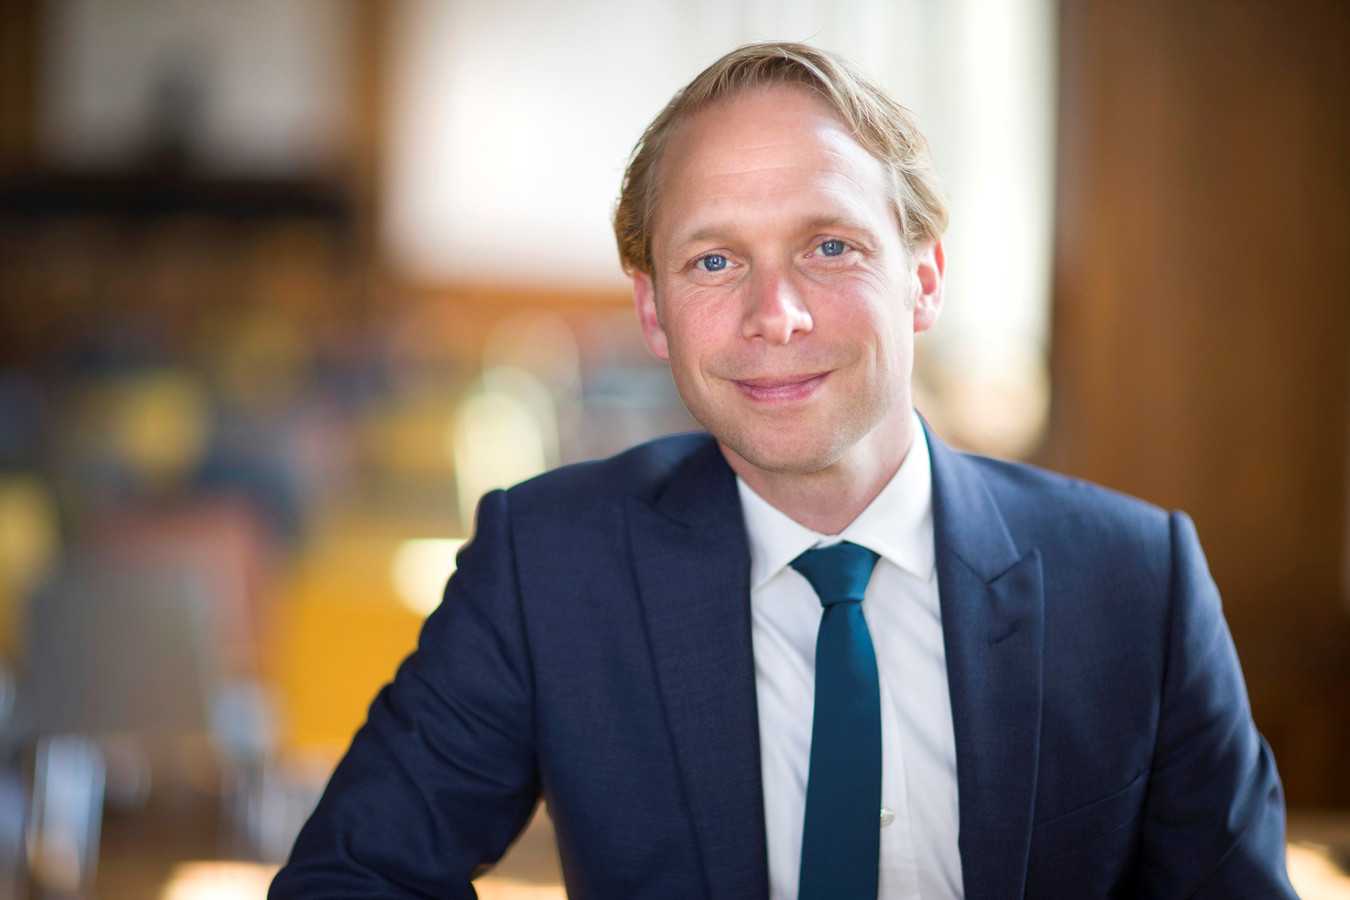 Burgemeester Gerdo van Grootheest van Culemborg